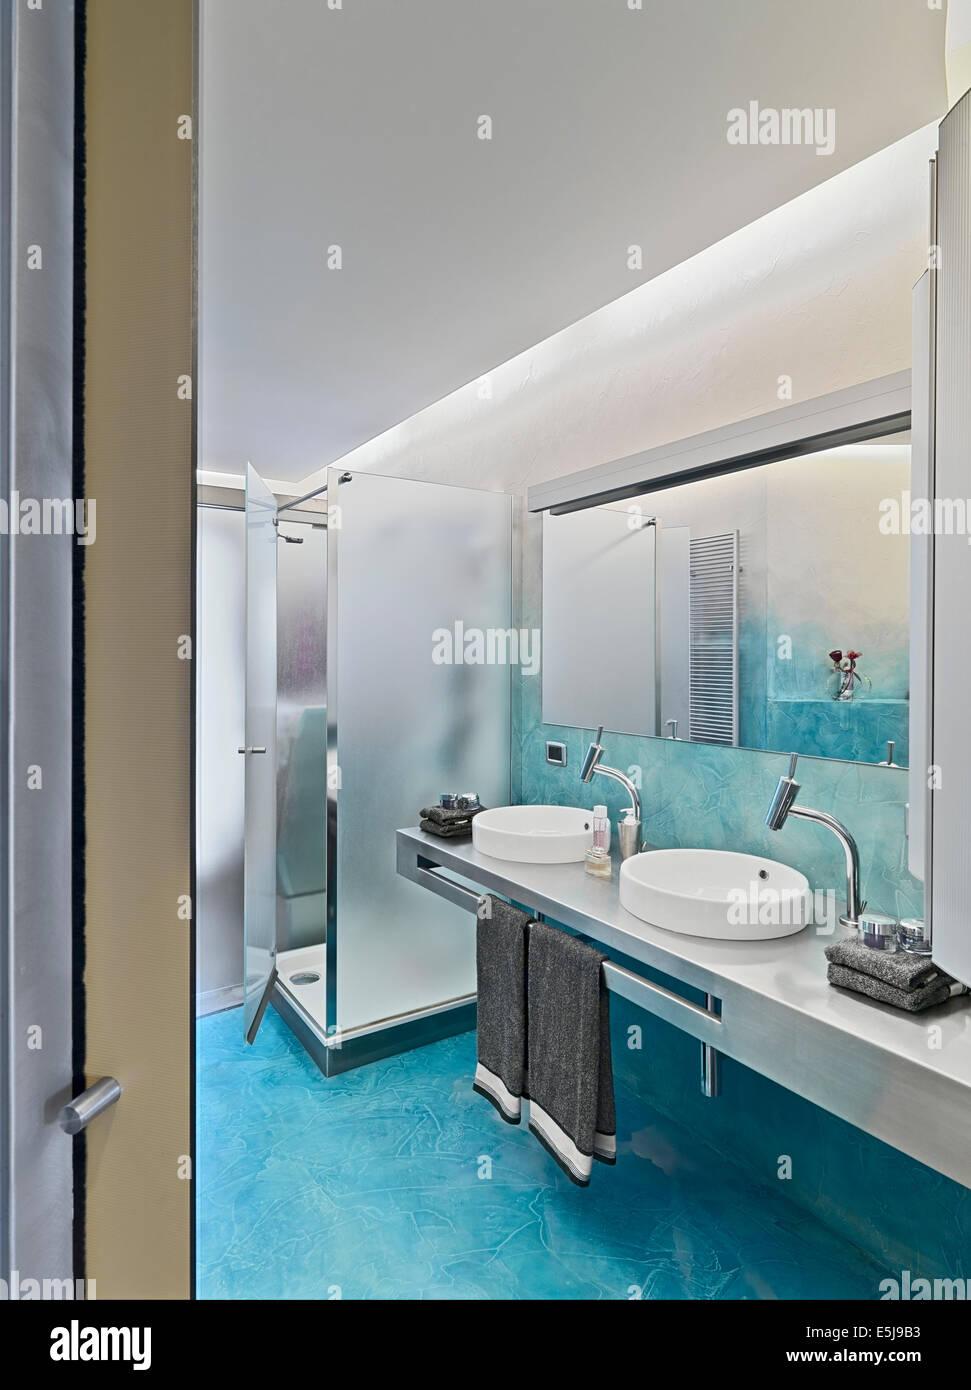 Innenansicht Eines Modernen Badezimmers Mit Nahaufnahme Auf Dem